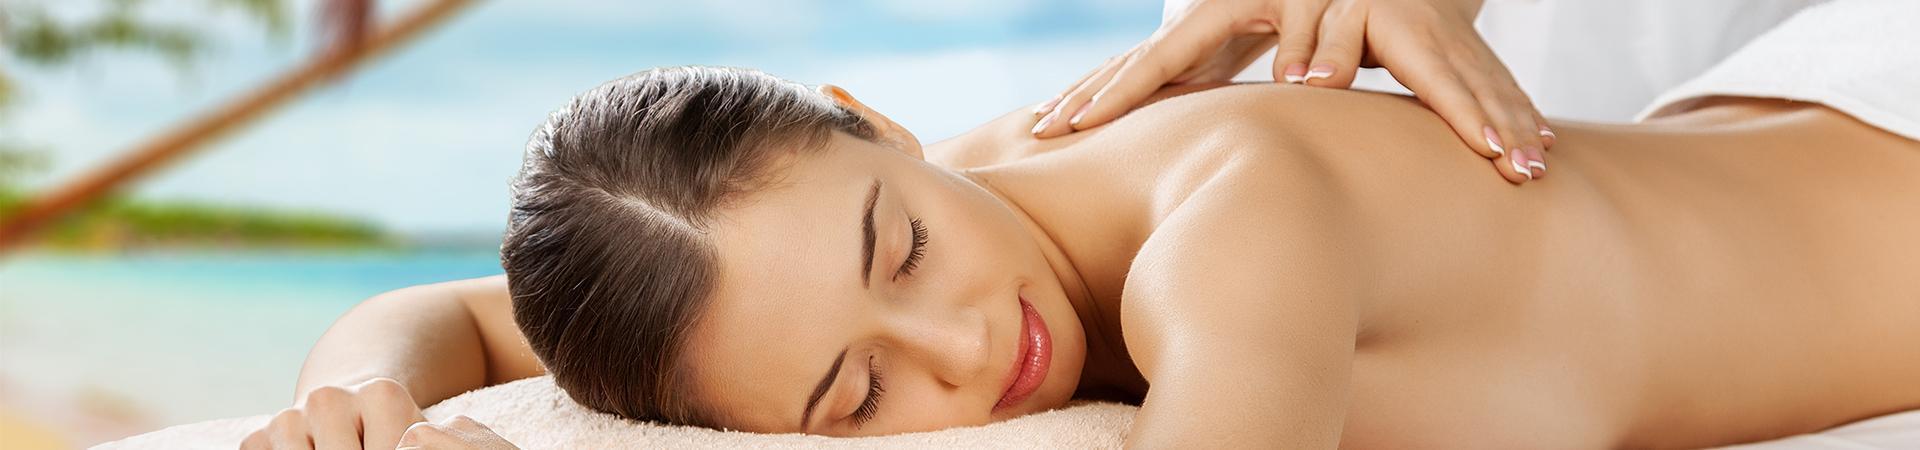 Laat u masseren na een vermoeiende dag